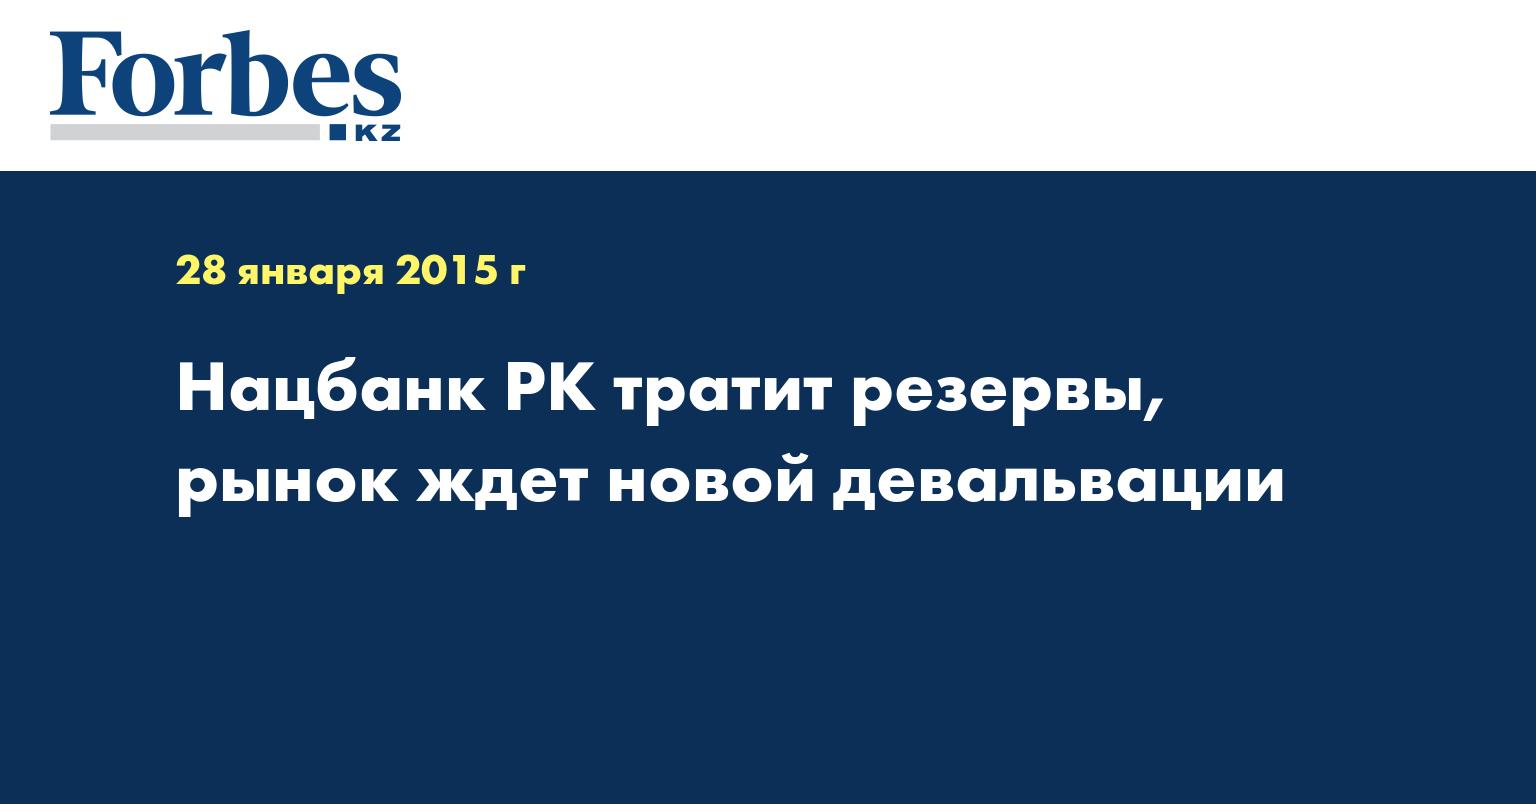 Нацбанк PК тратит резервы, рынок ждет новой девальвации